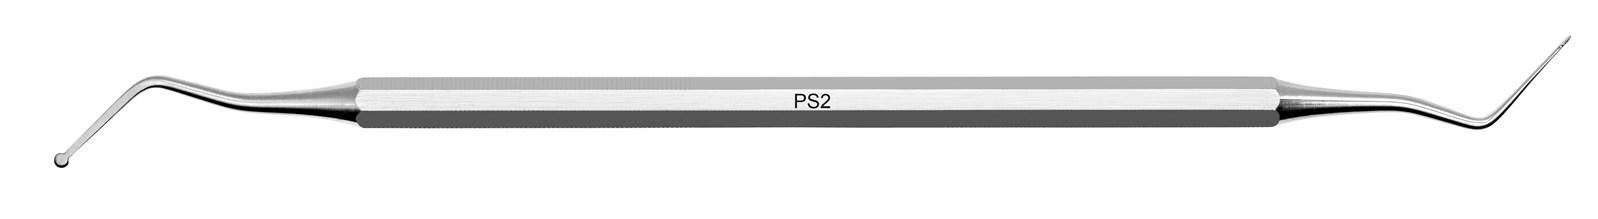 Mikrochirurgický nůž - PS2, ADEP žlutý